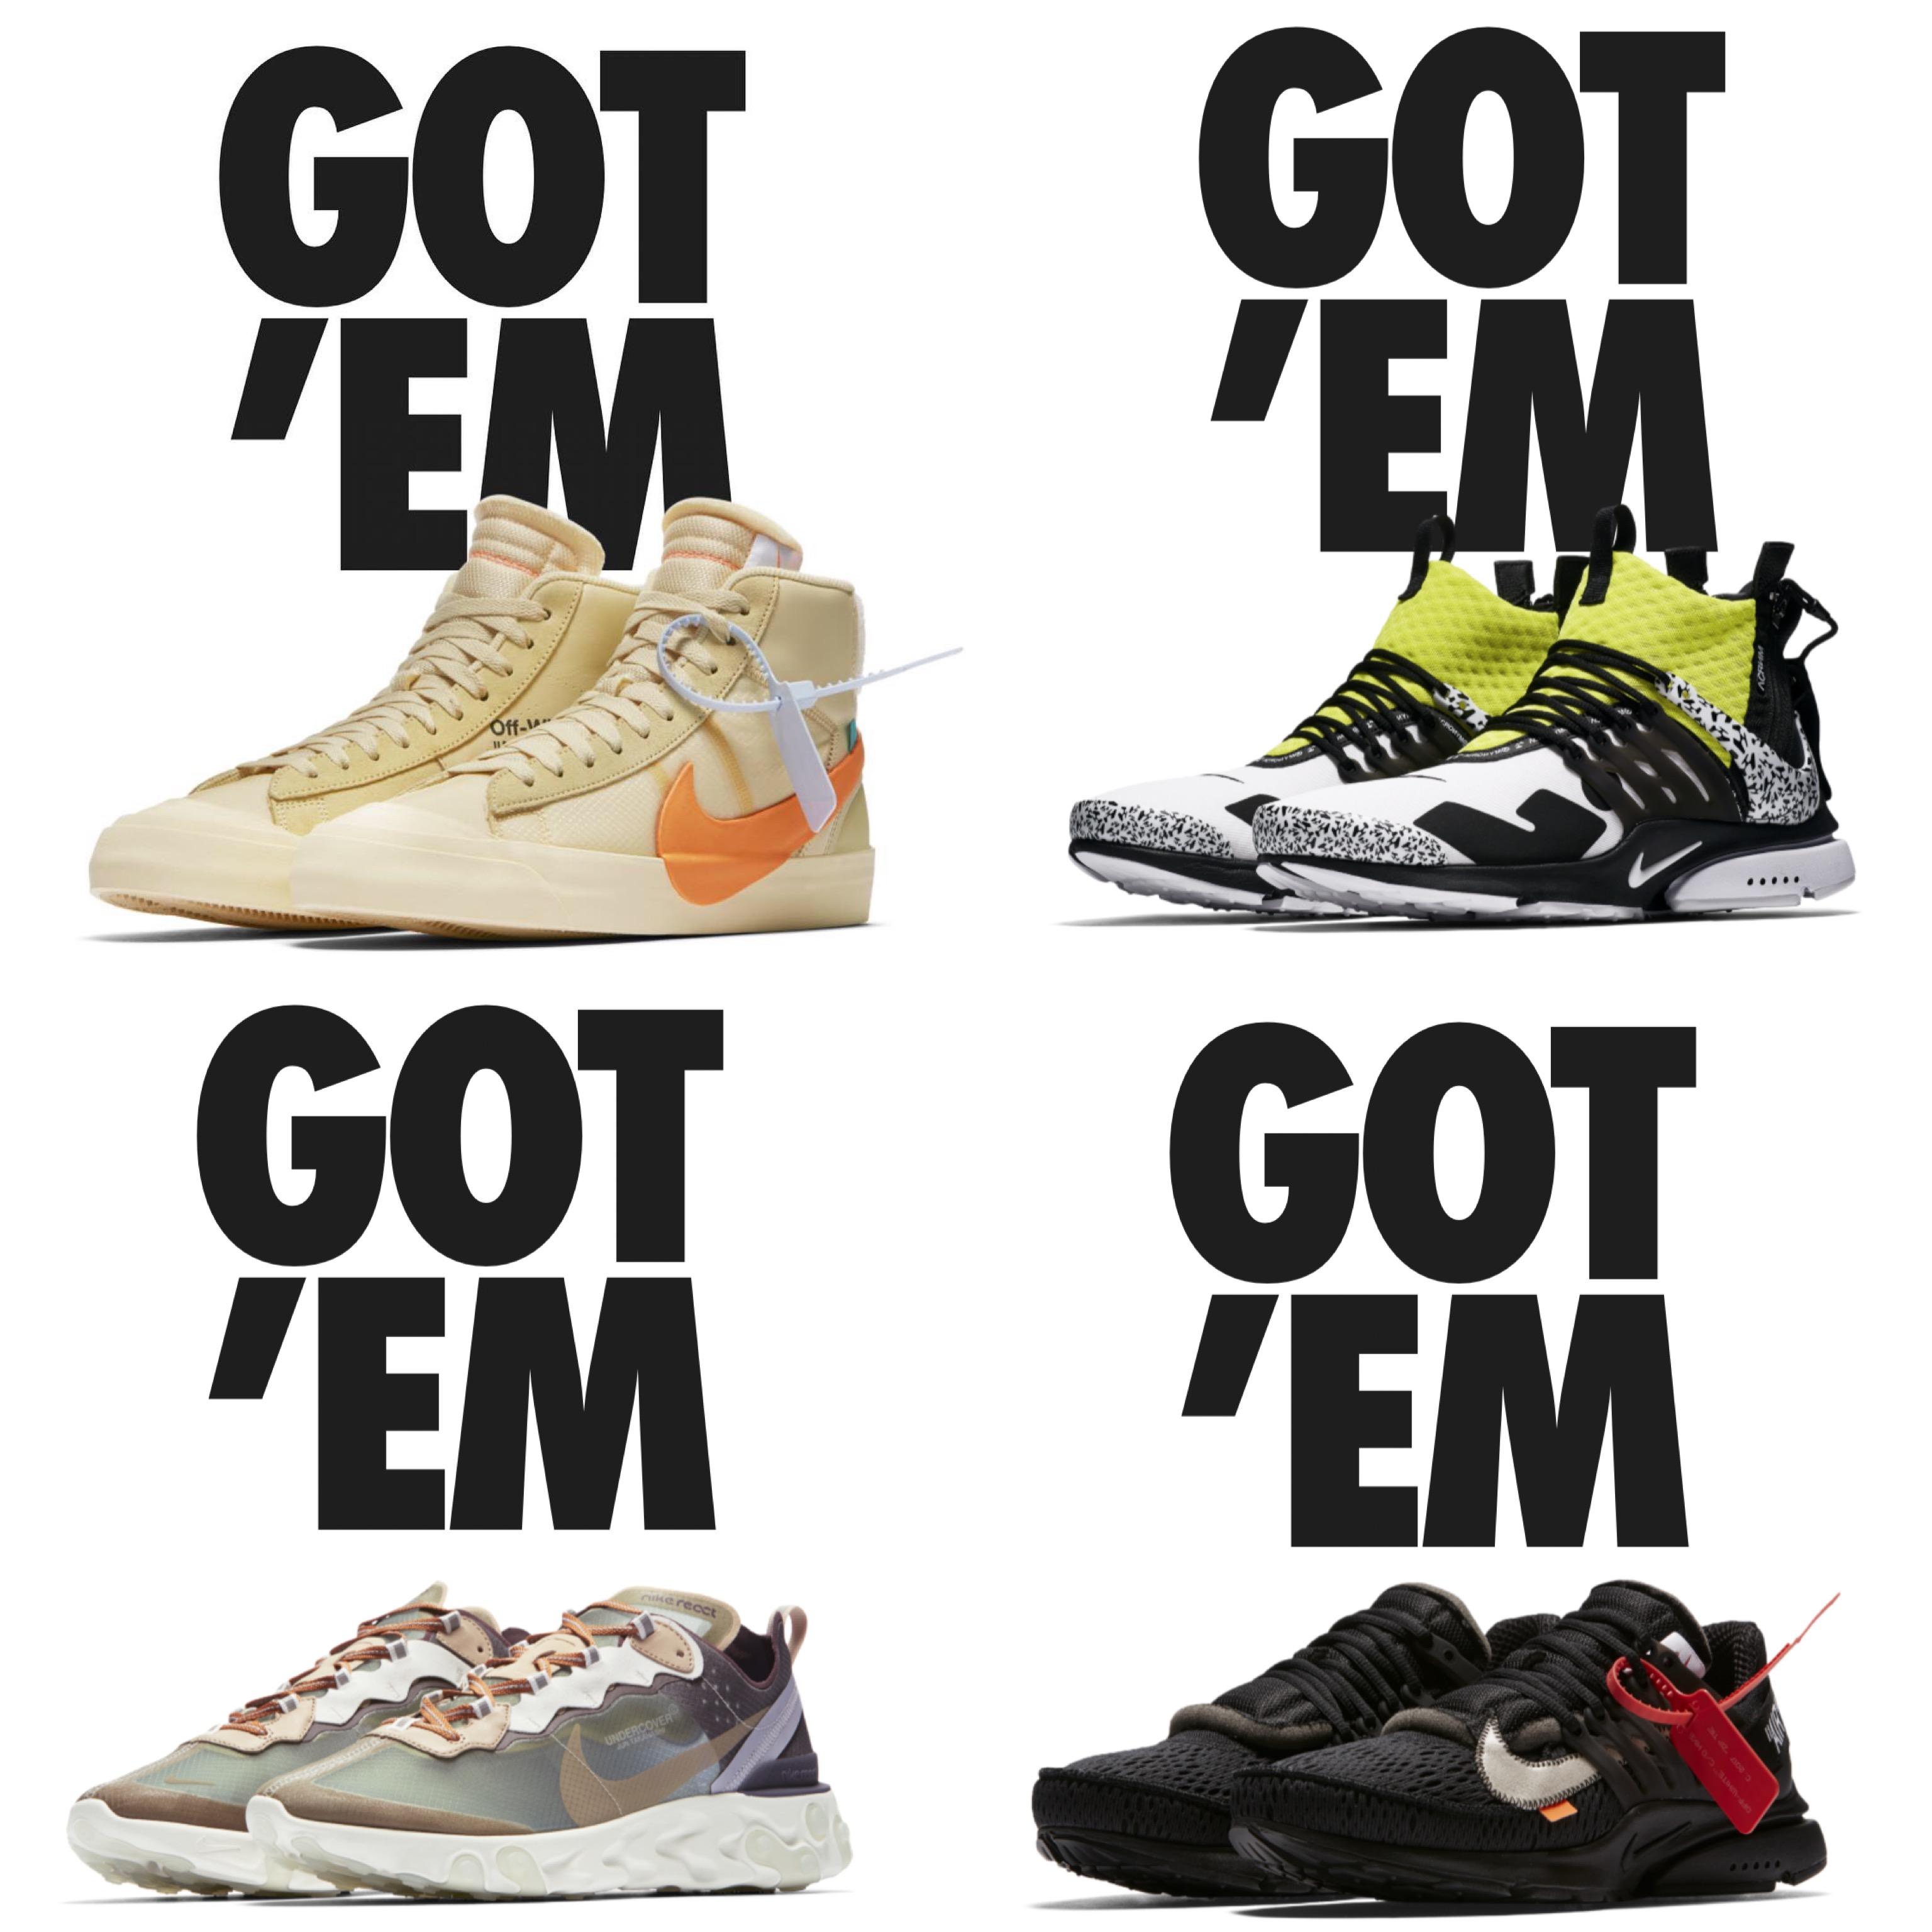 皆さん、stussy ✖️ Nike狙いますか?? めっちゃ欲しいって思ってま